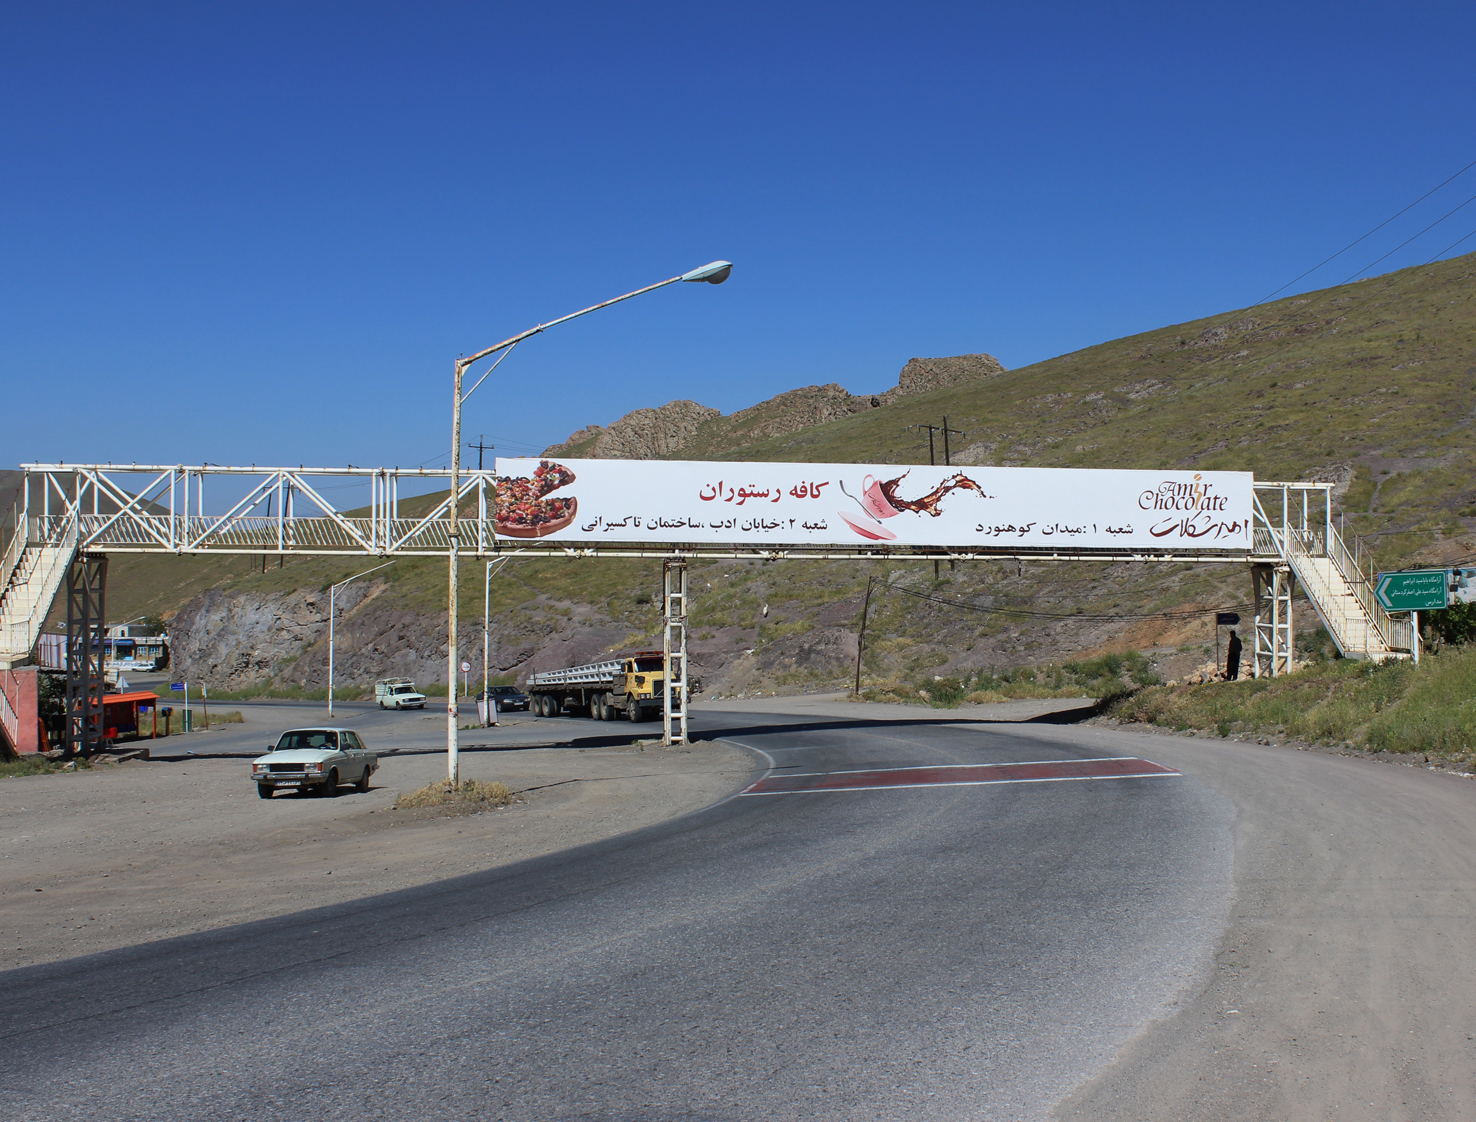 بیلبورد تبلیغاتی محور همدان سنندج ، پل عابر پیاده روستای صلوات آباد